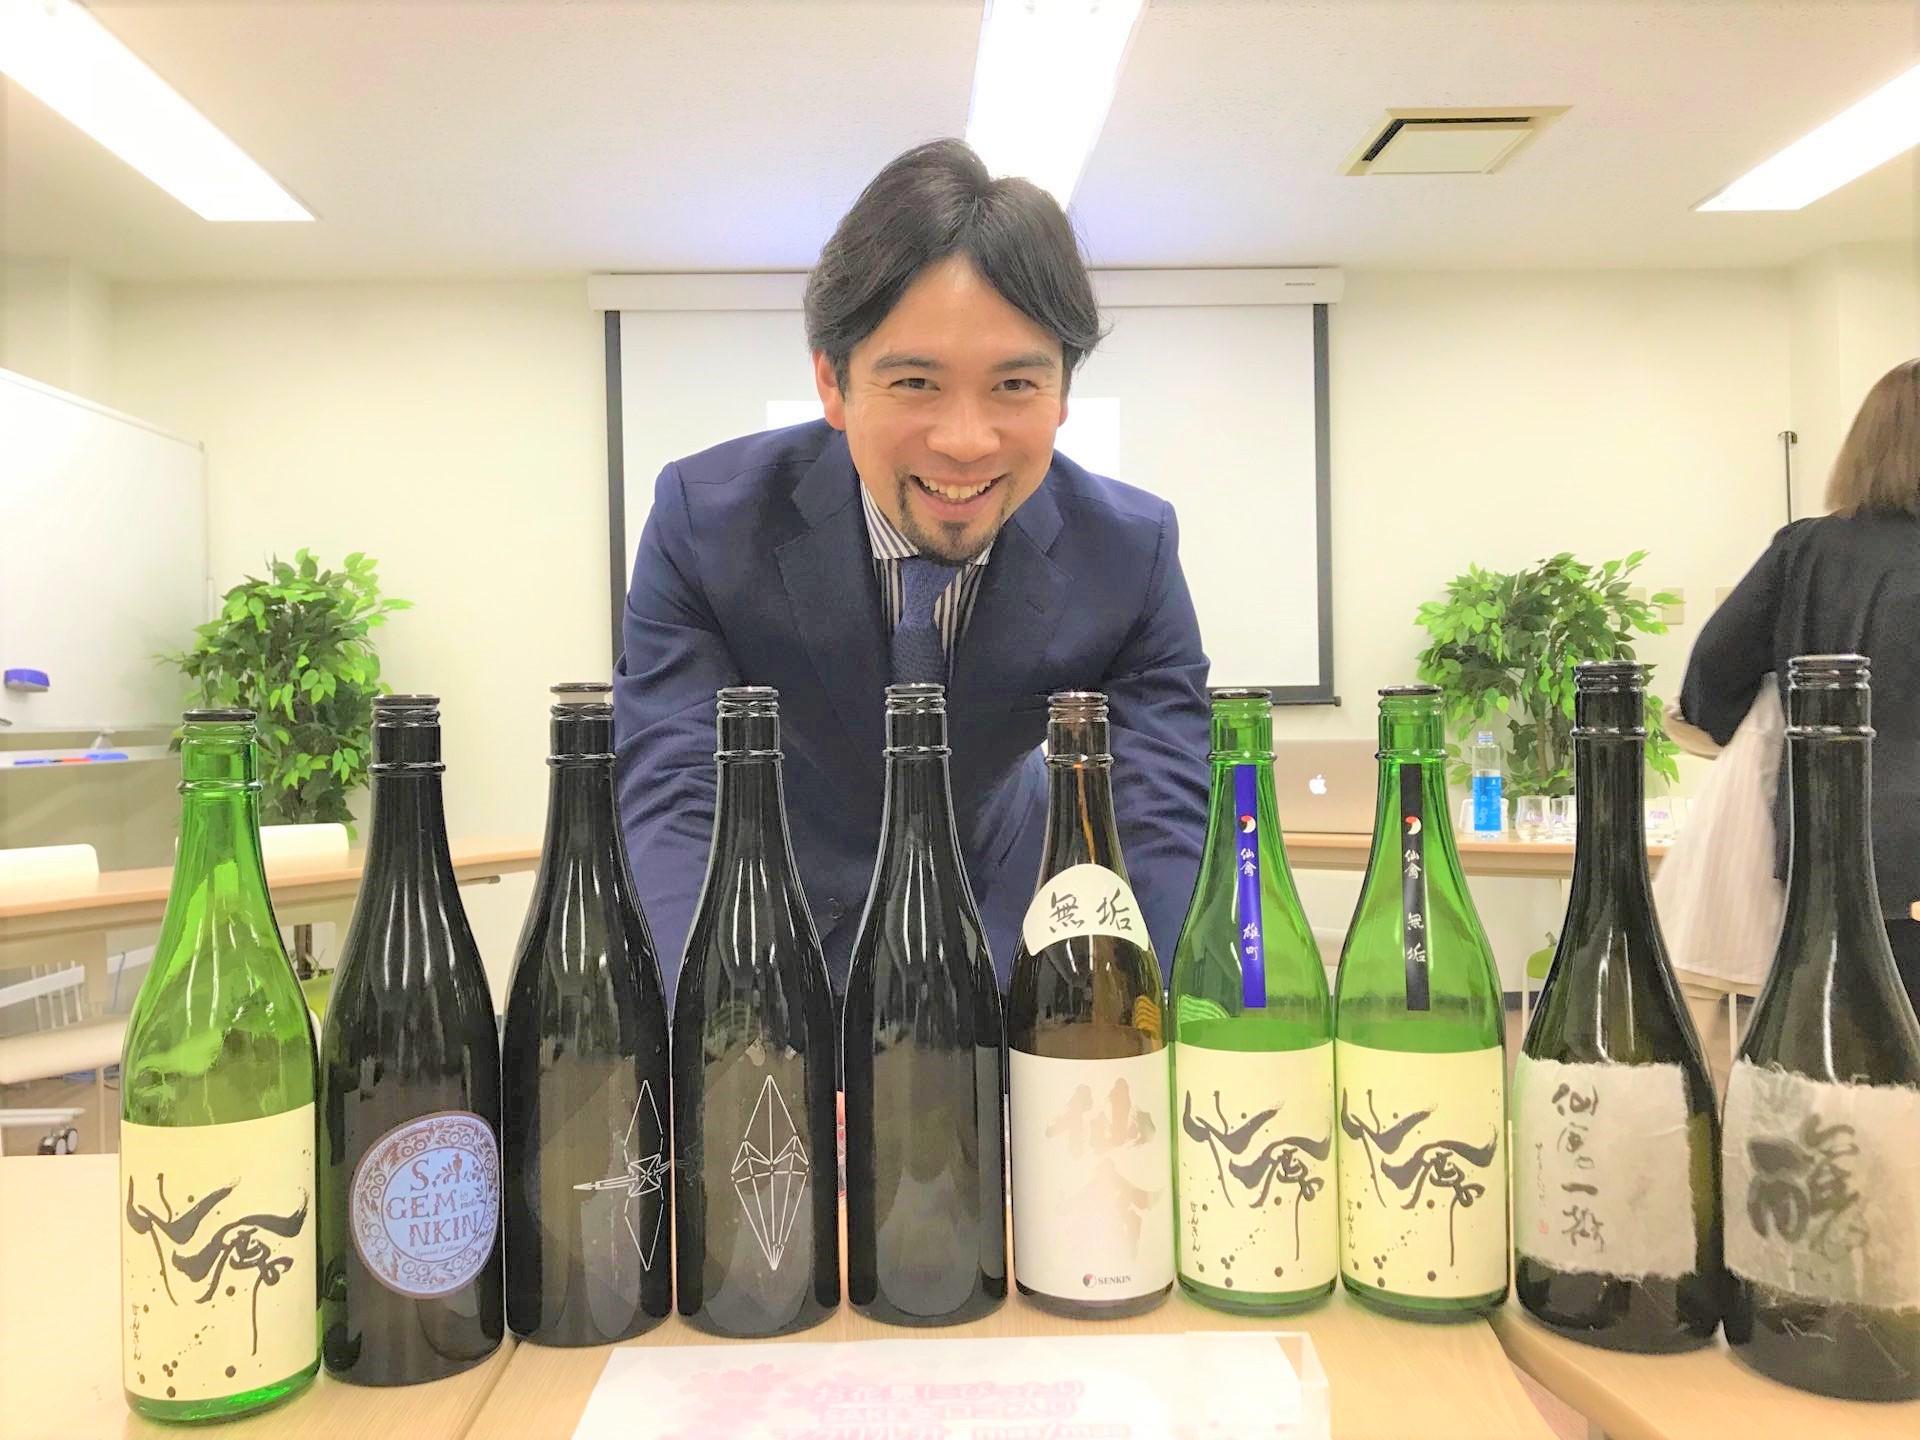 おもてなしSAKE女 一般社団法人日本のSAKEとWINEを愛する女性の会